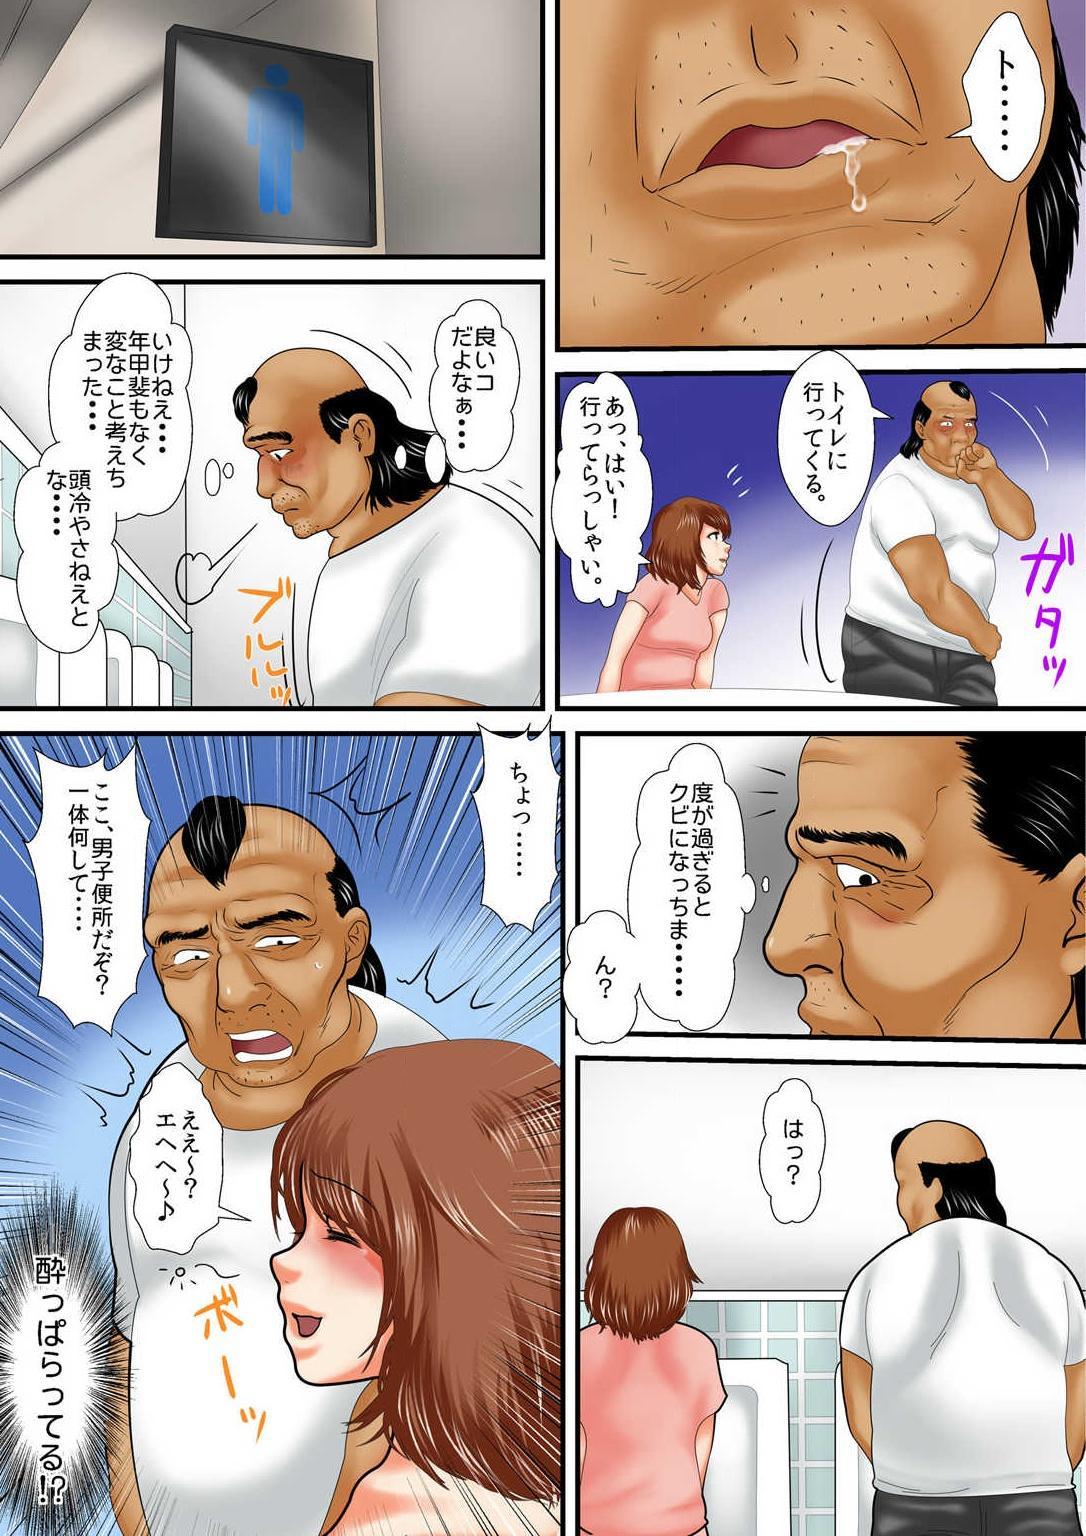 Zetsurin Oyaji ga Joshiryou de ~Sonna ni Dashitara Ninshin shichau!! 1 24